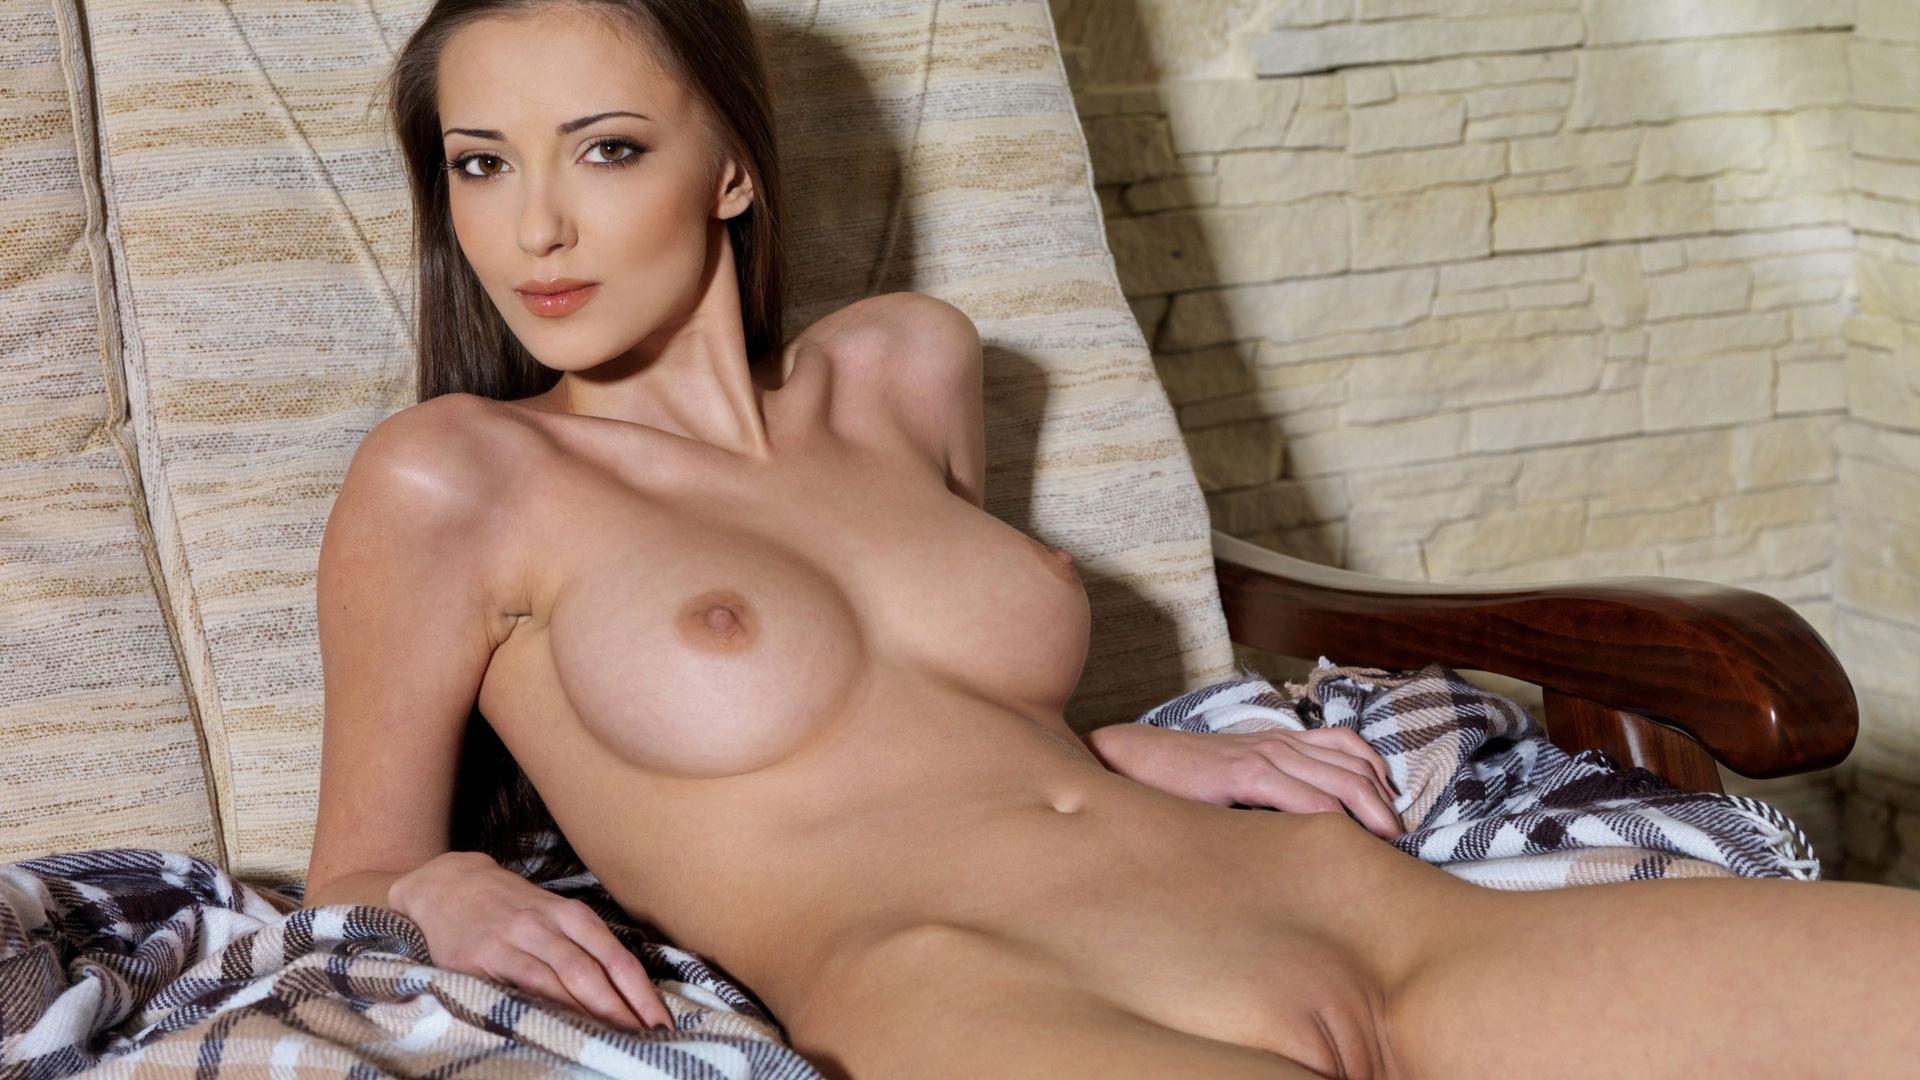 порно фото обаятельных девушек